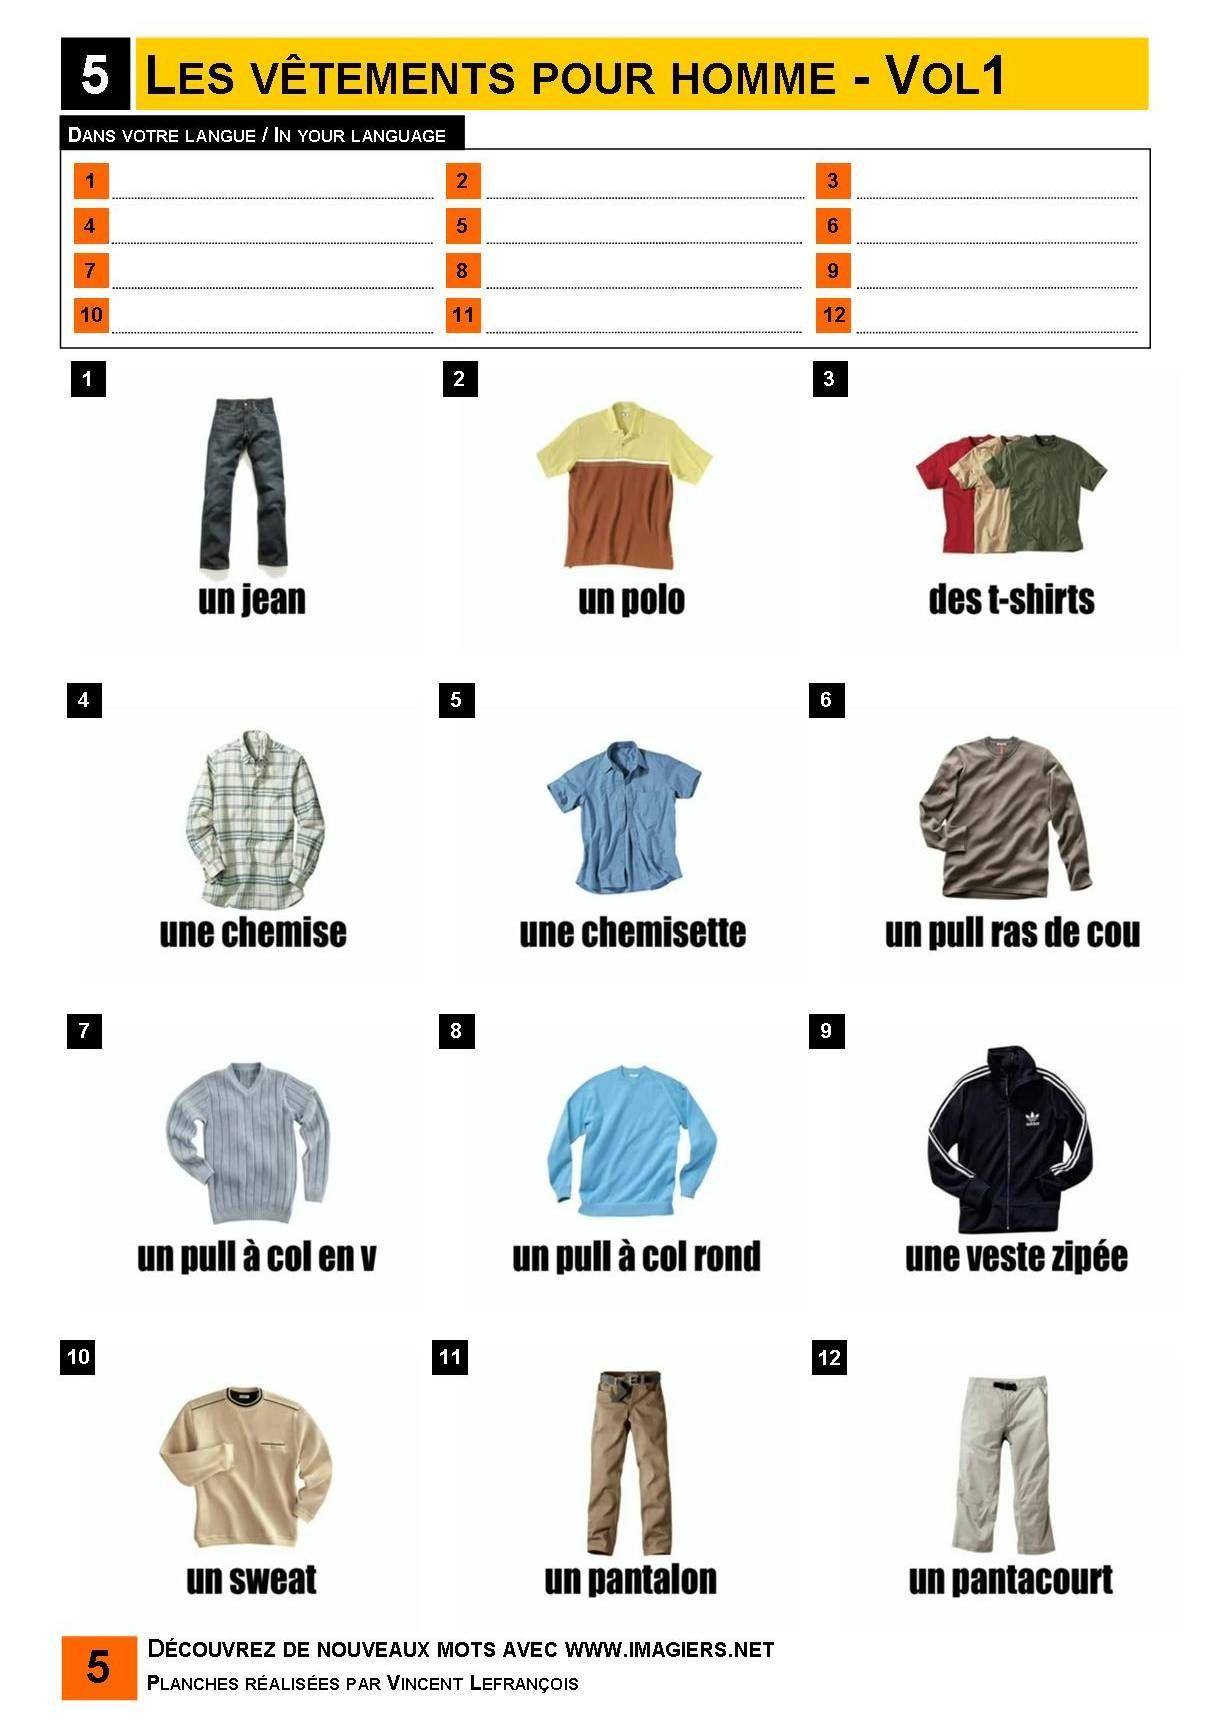 Populaire Vêtements- Exercice | Cours de FLE Vocabulaire | Pinterest  LA54